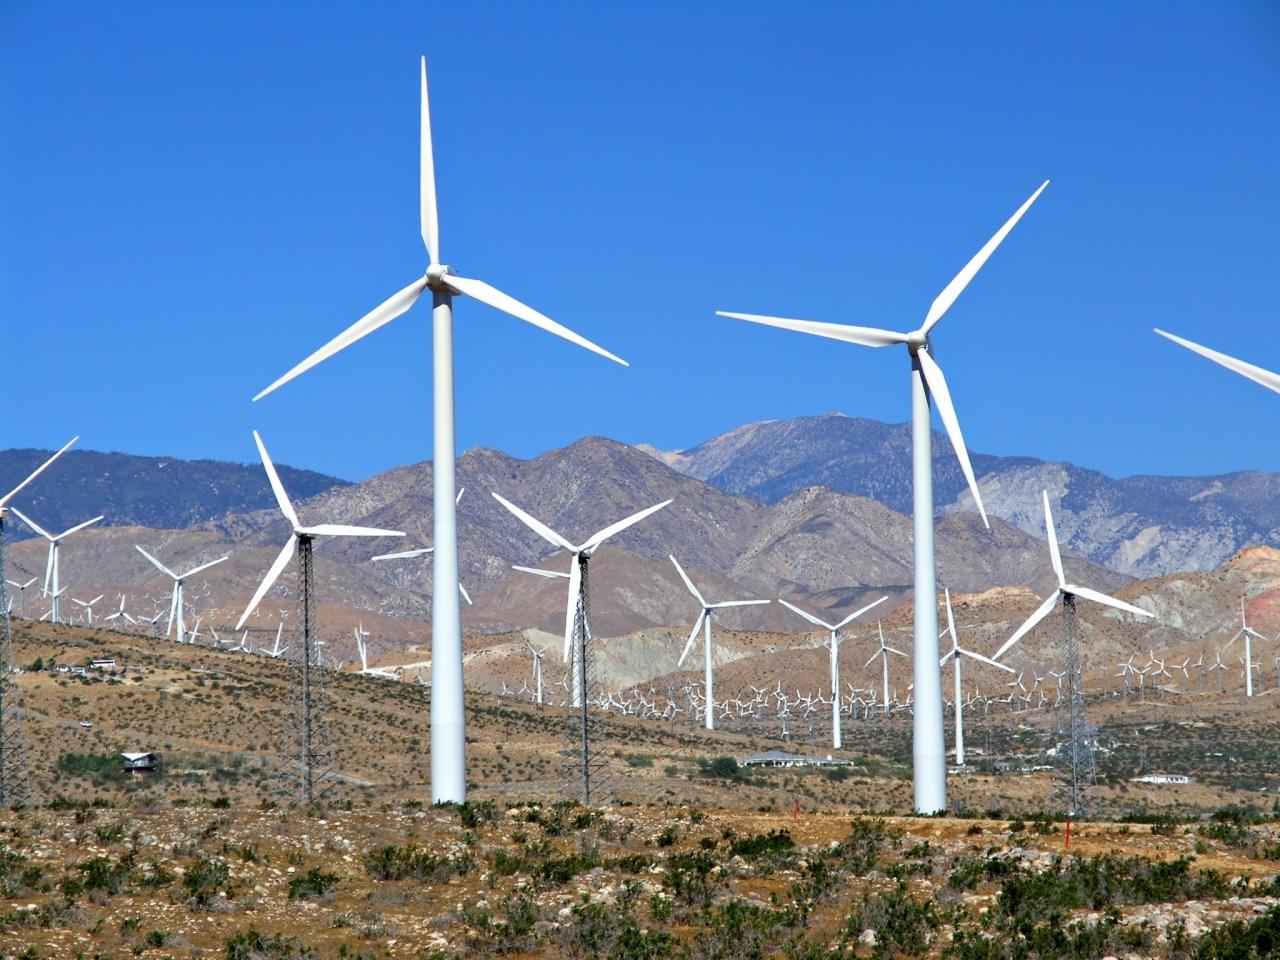 Podnebni vplivi vetrne energije